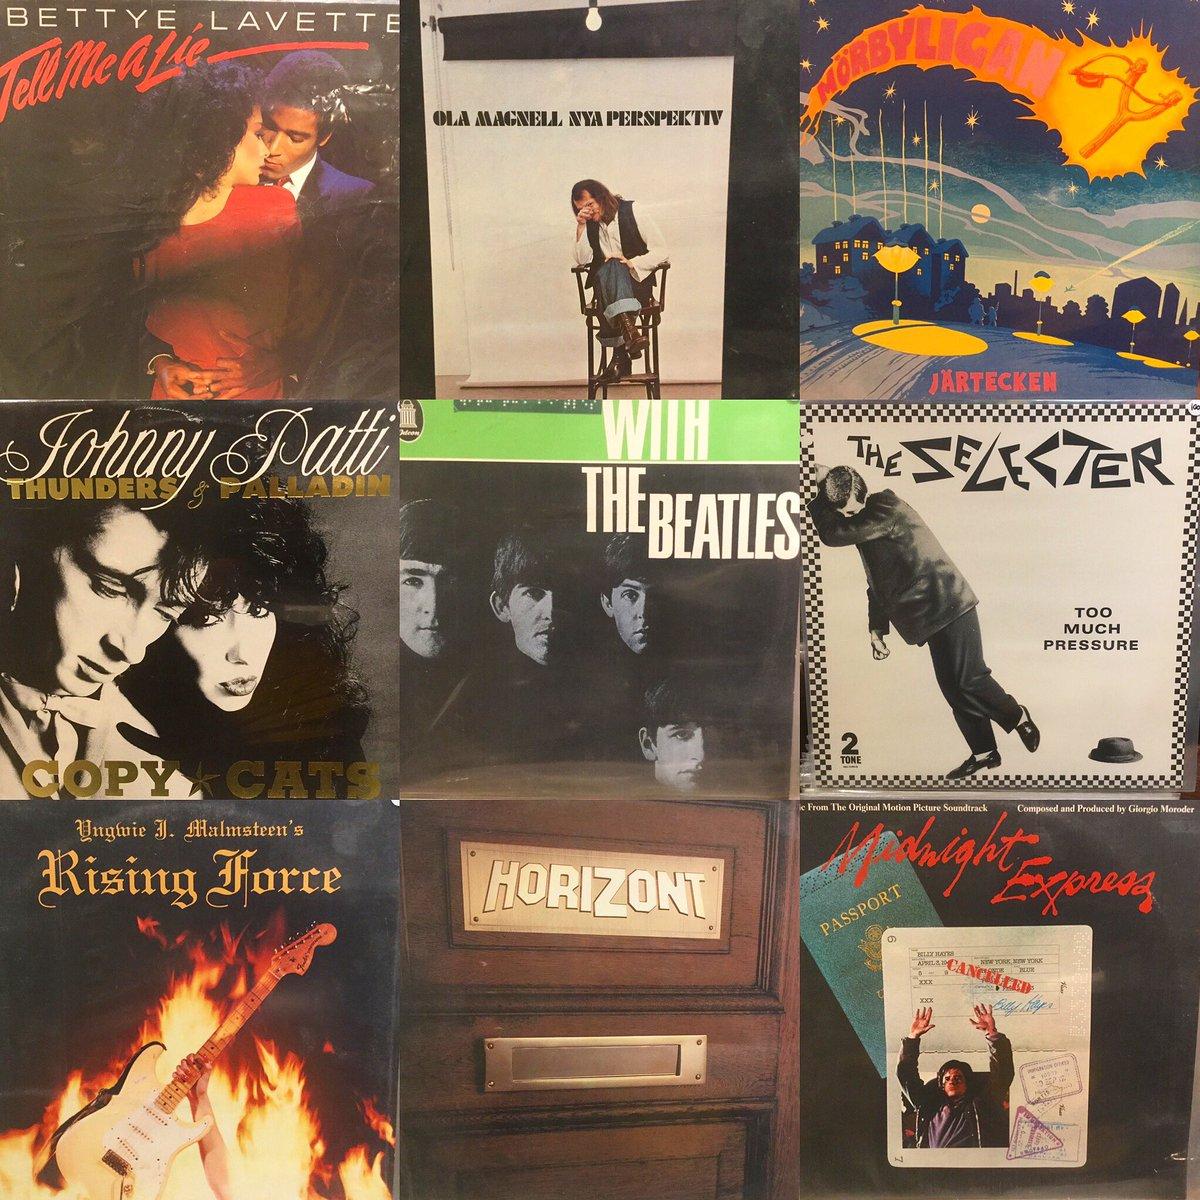 Tisdagens #vinylbukett av nyinkomna skivor Järnvägsgatan 8 Ängelholm tis, ons, tor, fre 12-18 lör 10-14 sön kl 12-15 Alltid nyinkommet! #vinyl #electricmudrecords #recordcollector #vinylrecords #vinylcommunity #recordshop #vinyladdict #recordstore #vinylcollector  #ängelholmpic.twitter.com/GHTfiDyje1